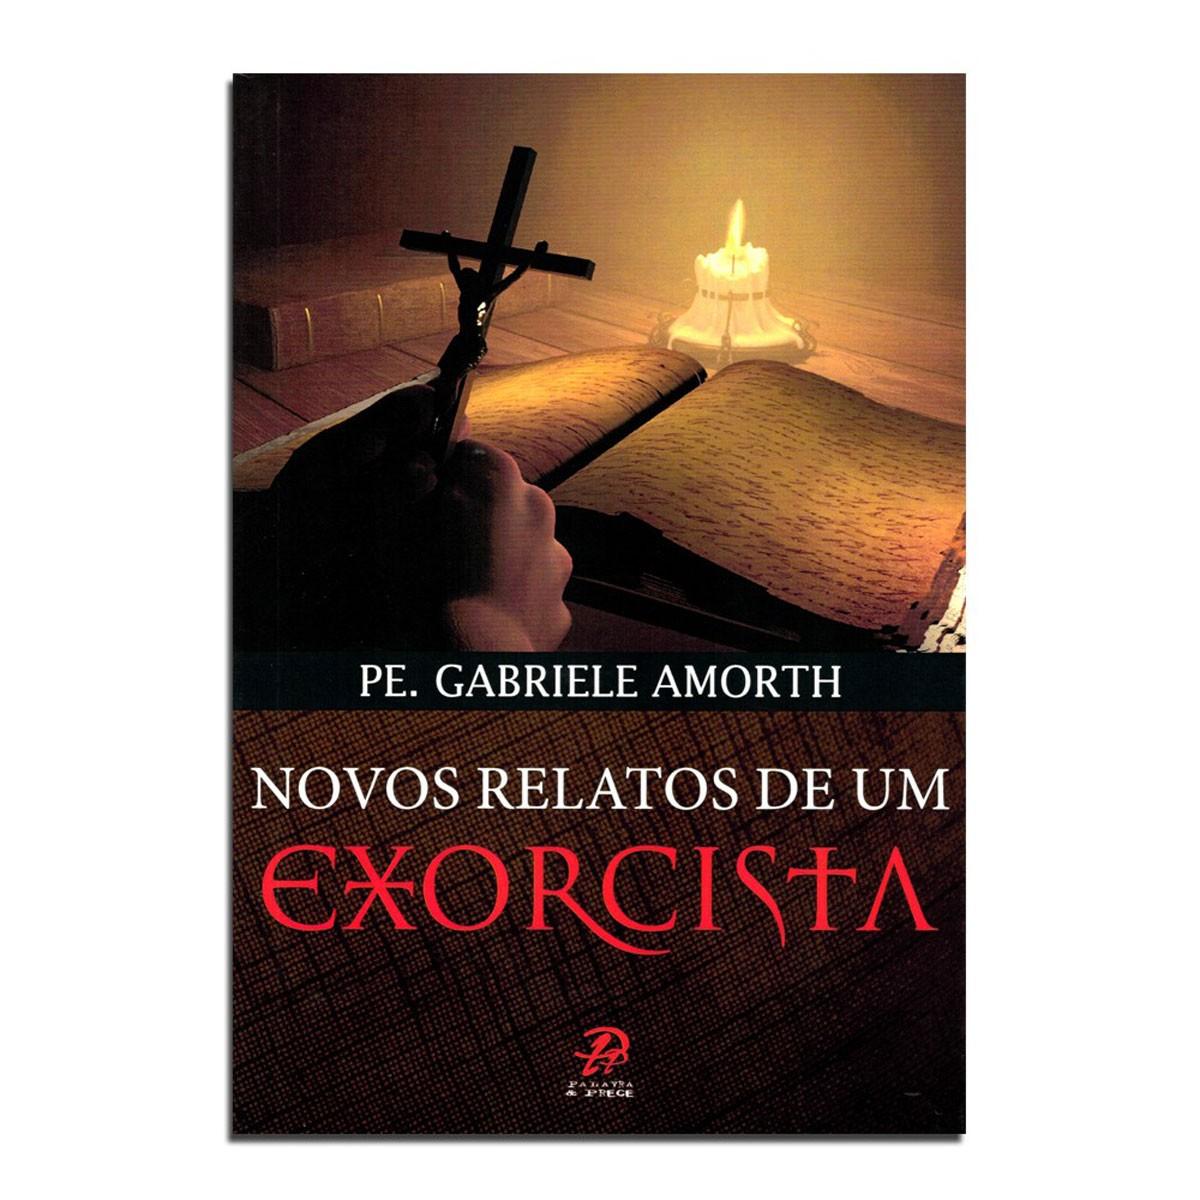 Novos Relatos de um Exorcista - Pe. Gabrielle Amorth  - VindVedShop - Distribuidora Catolica